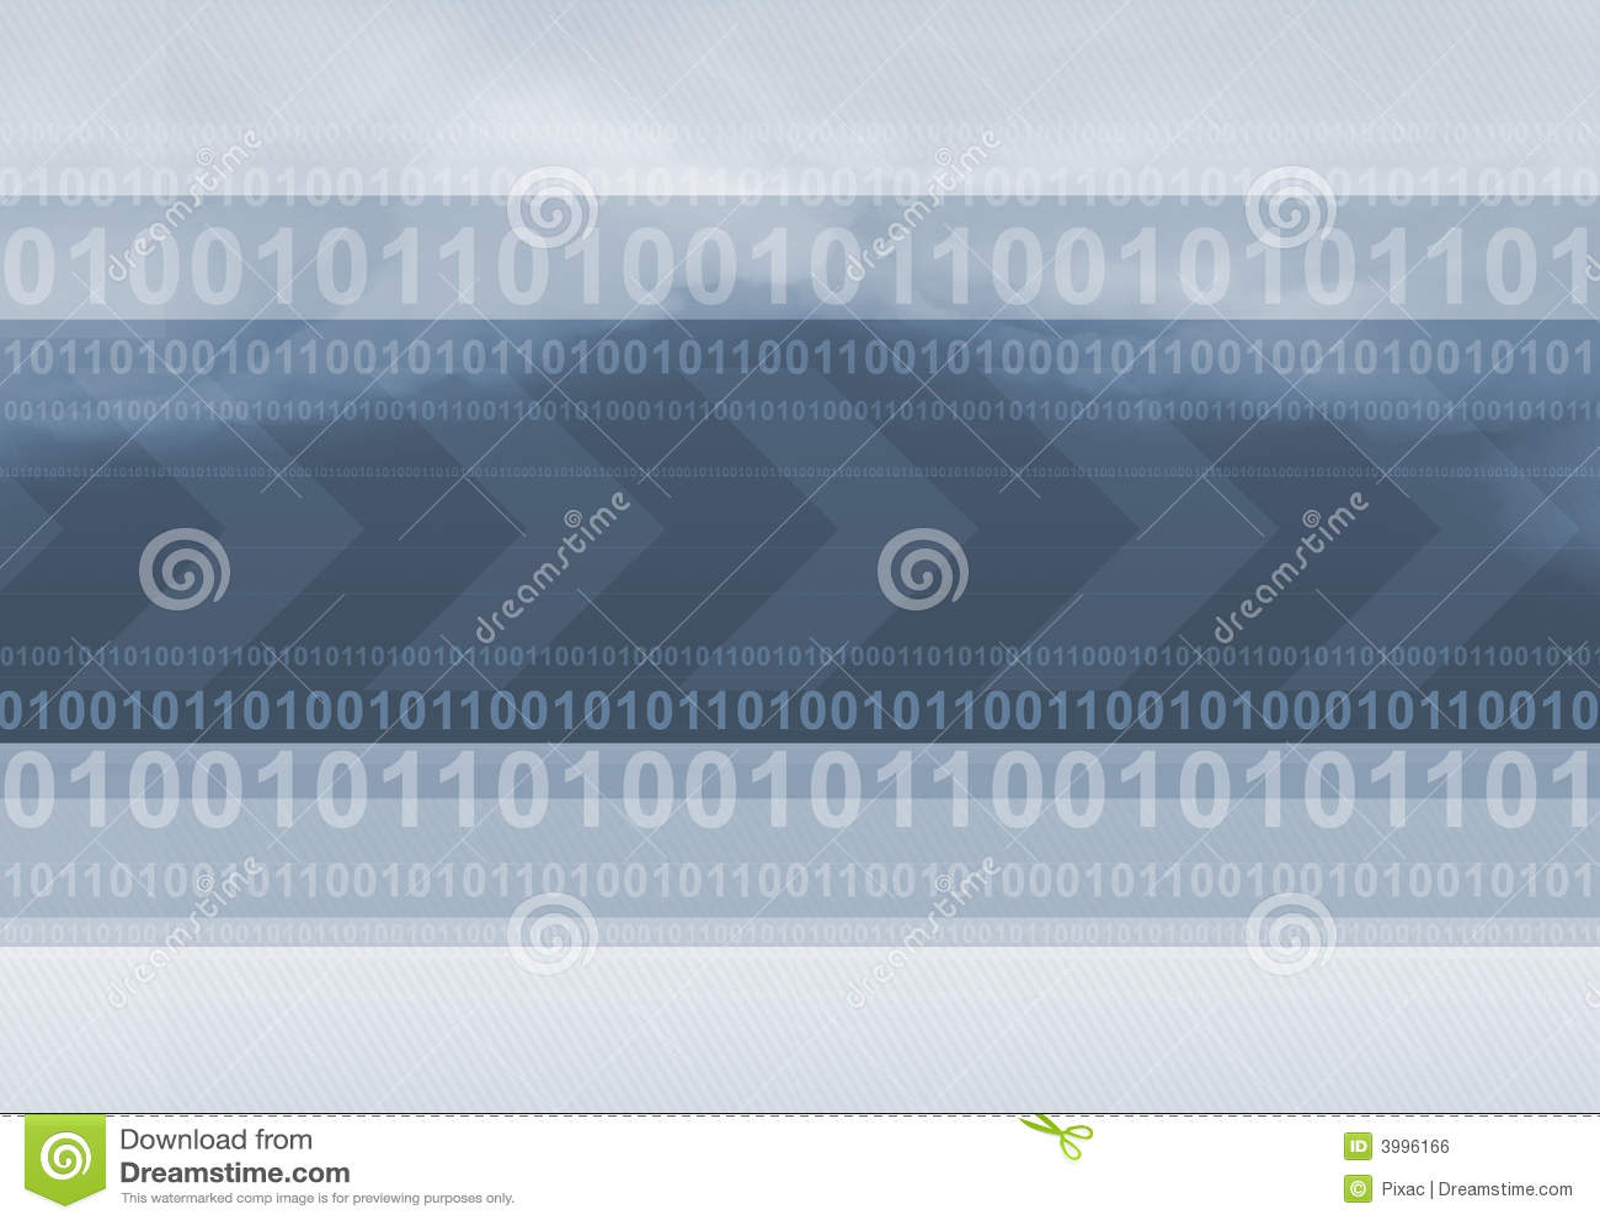 Kod binarny